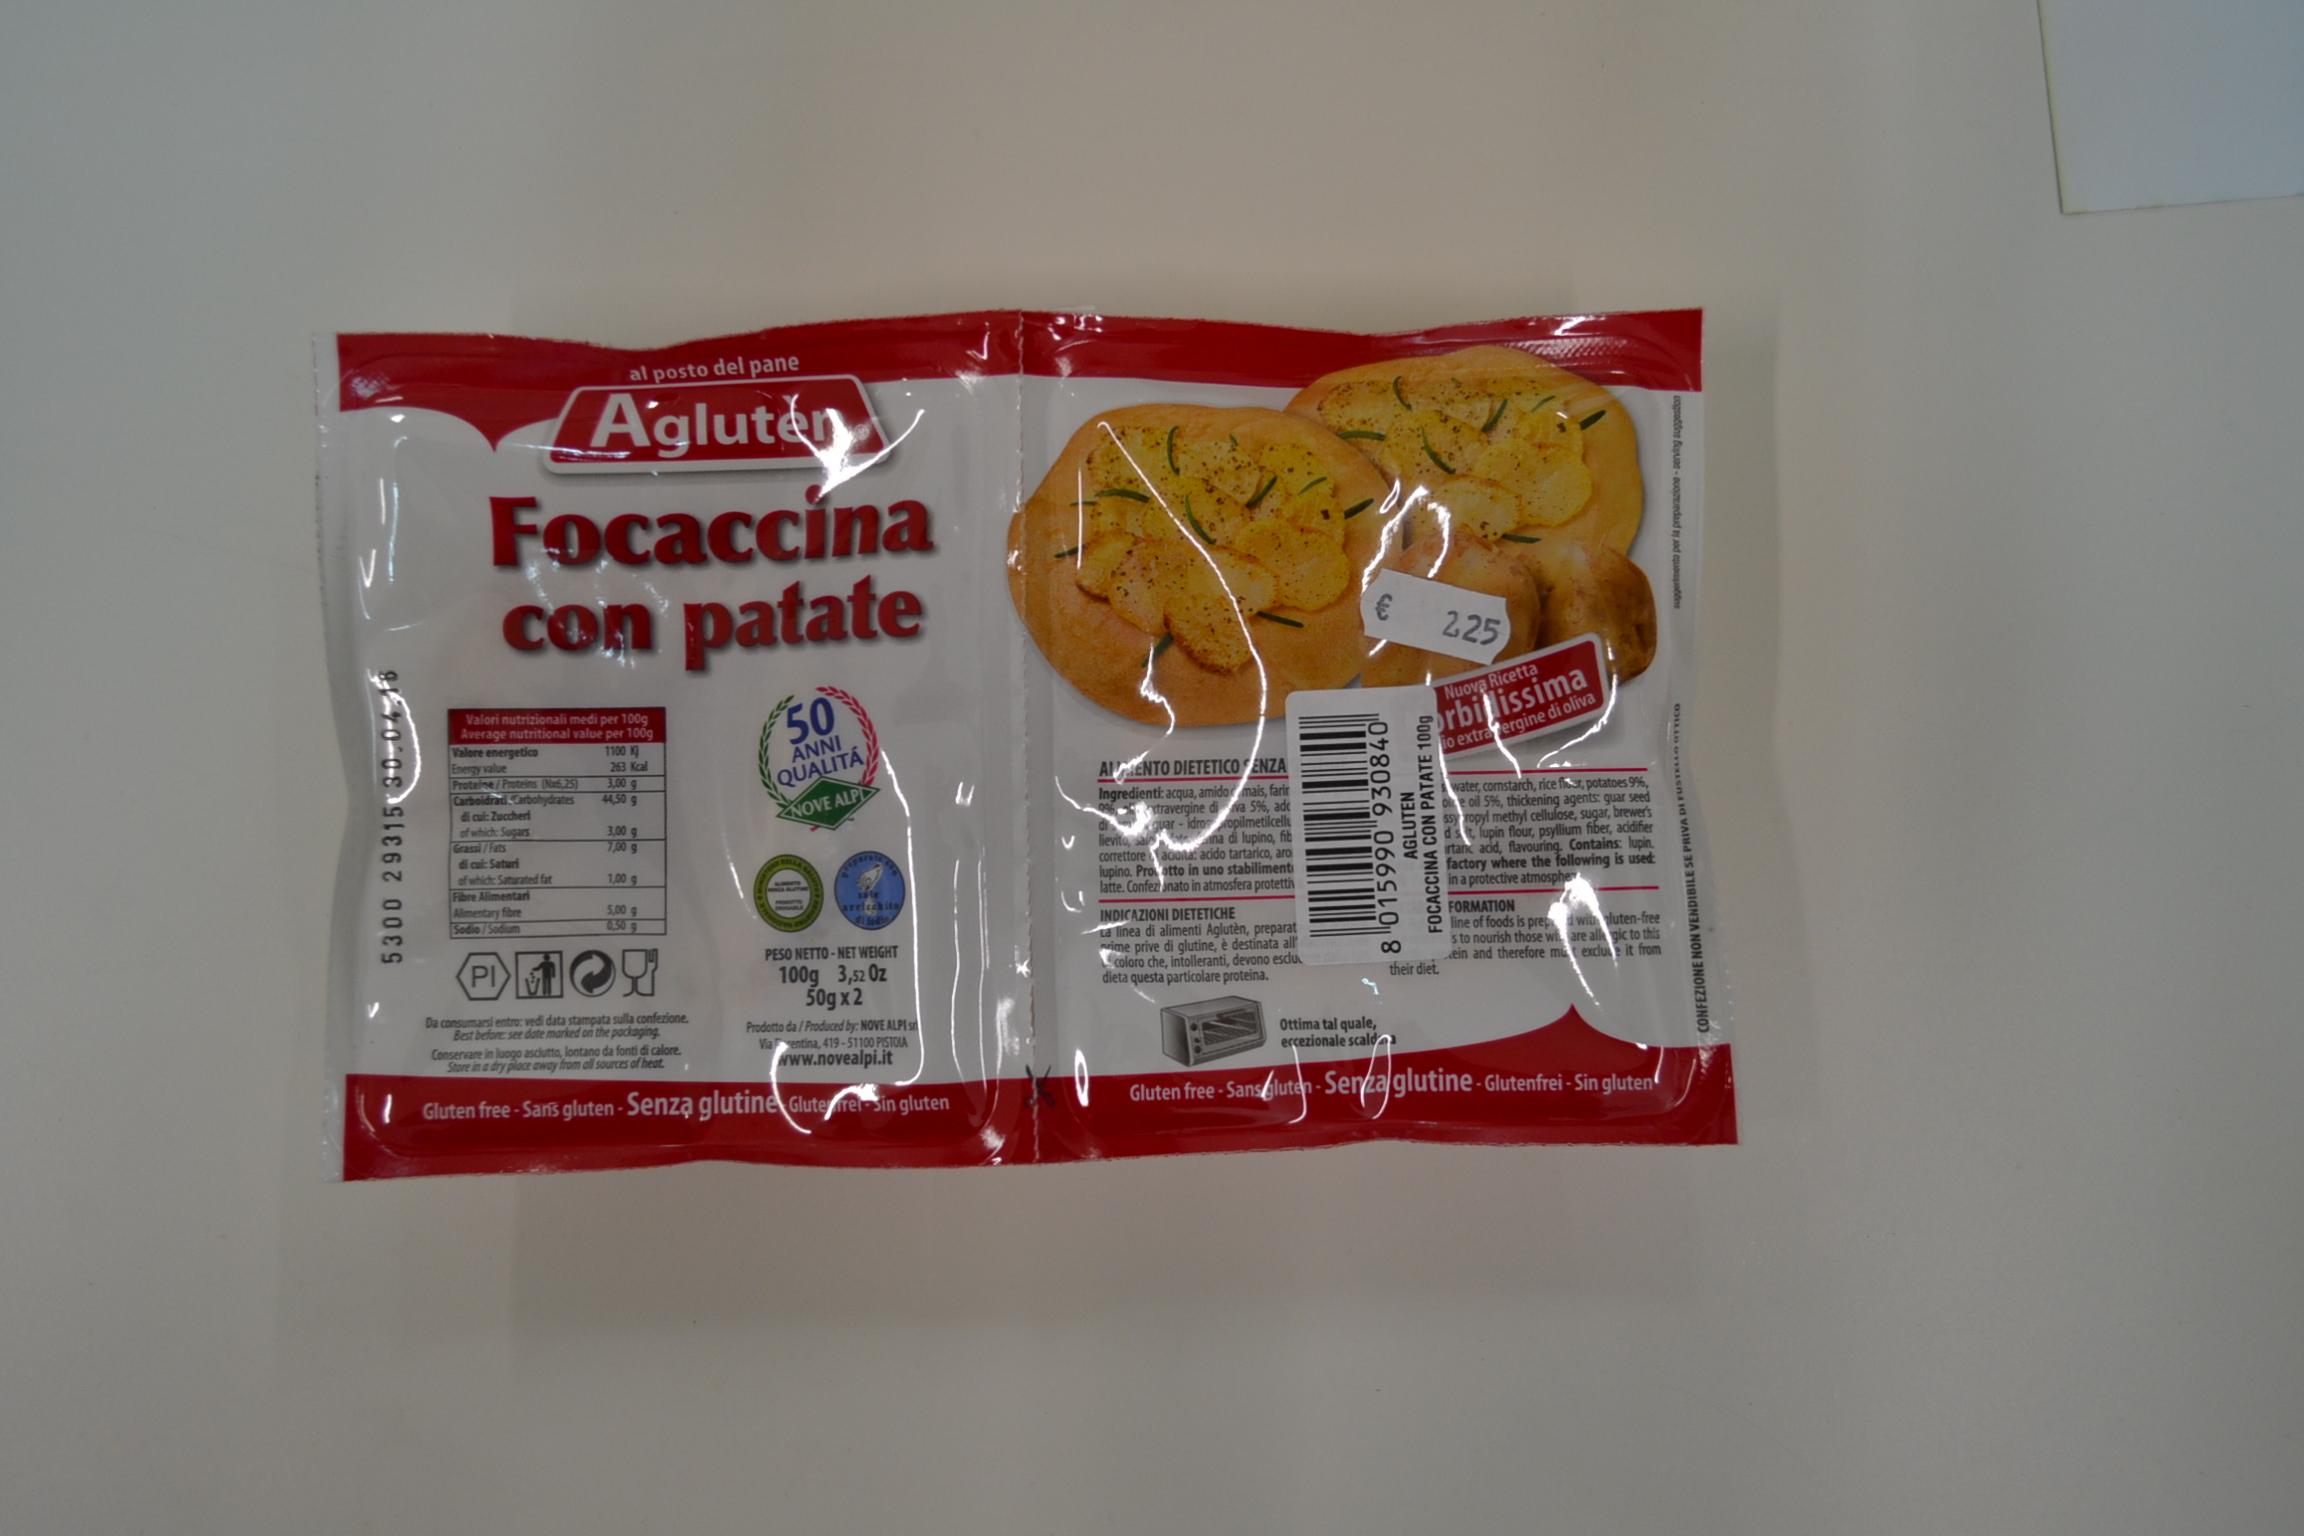 Focaccina con patate AGLUTEN € 2,25